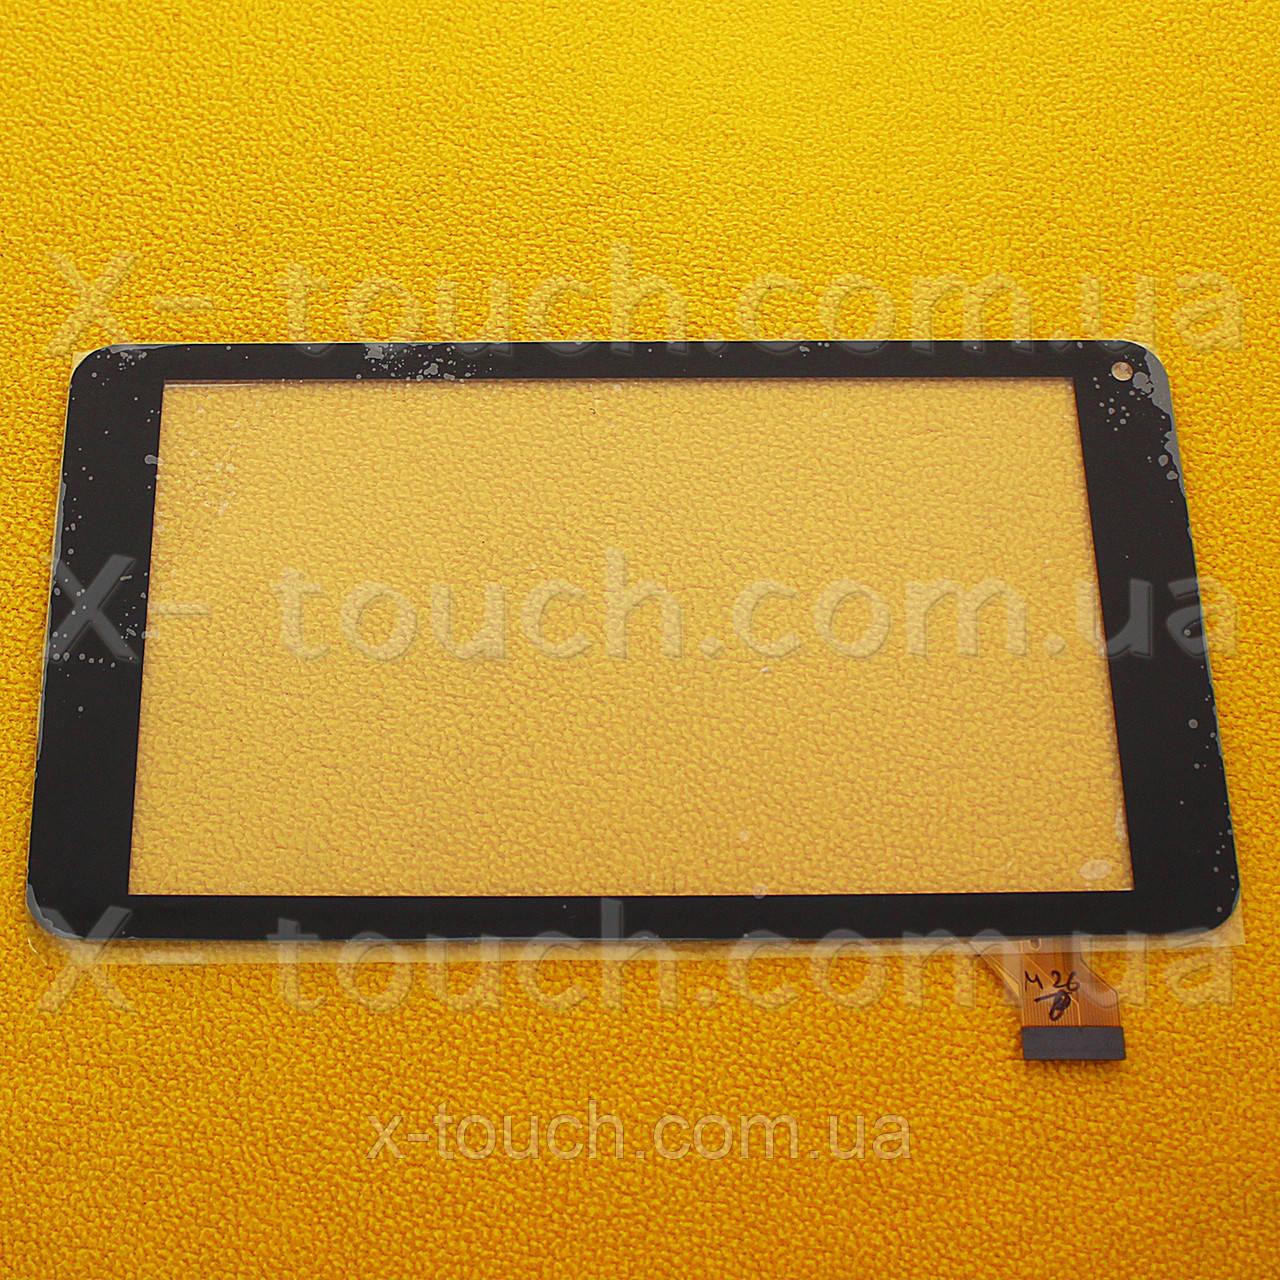 Тачскрин, сенсор  FPC-799A0-V00 черный для планшета